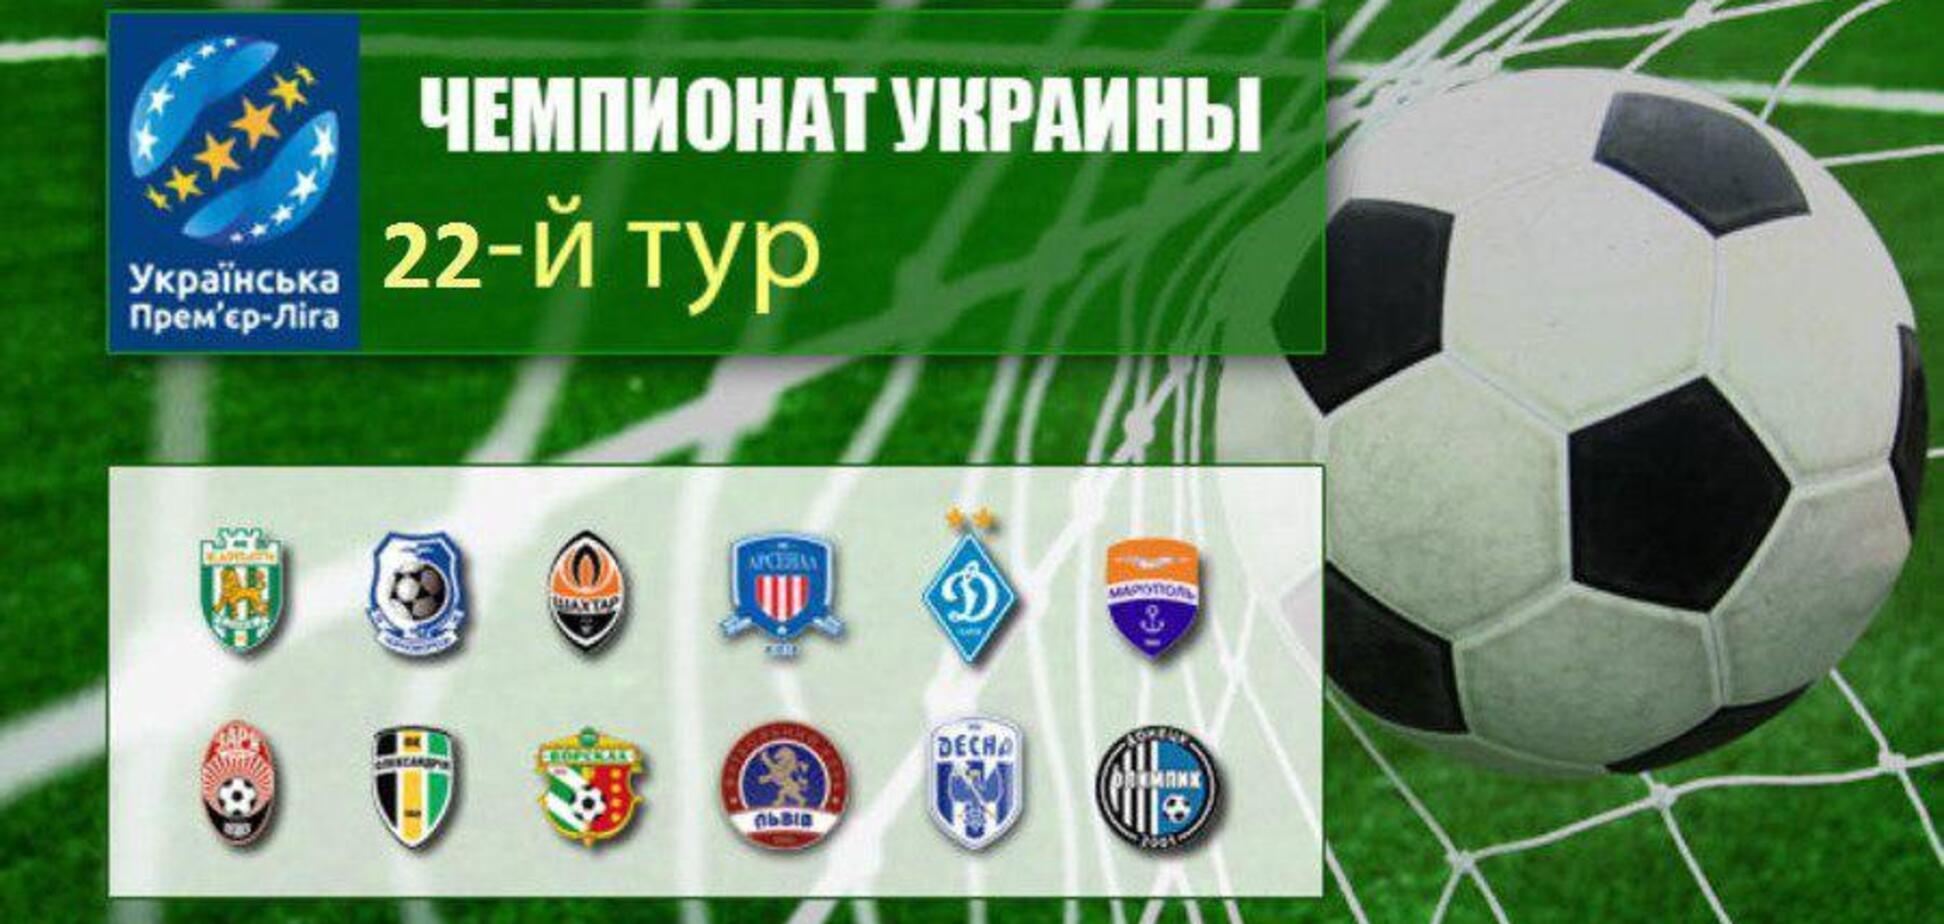 22-й тур чемпіонату України з футболу: результати, огляди, таблиця